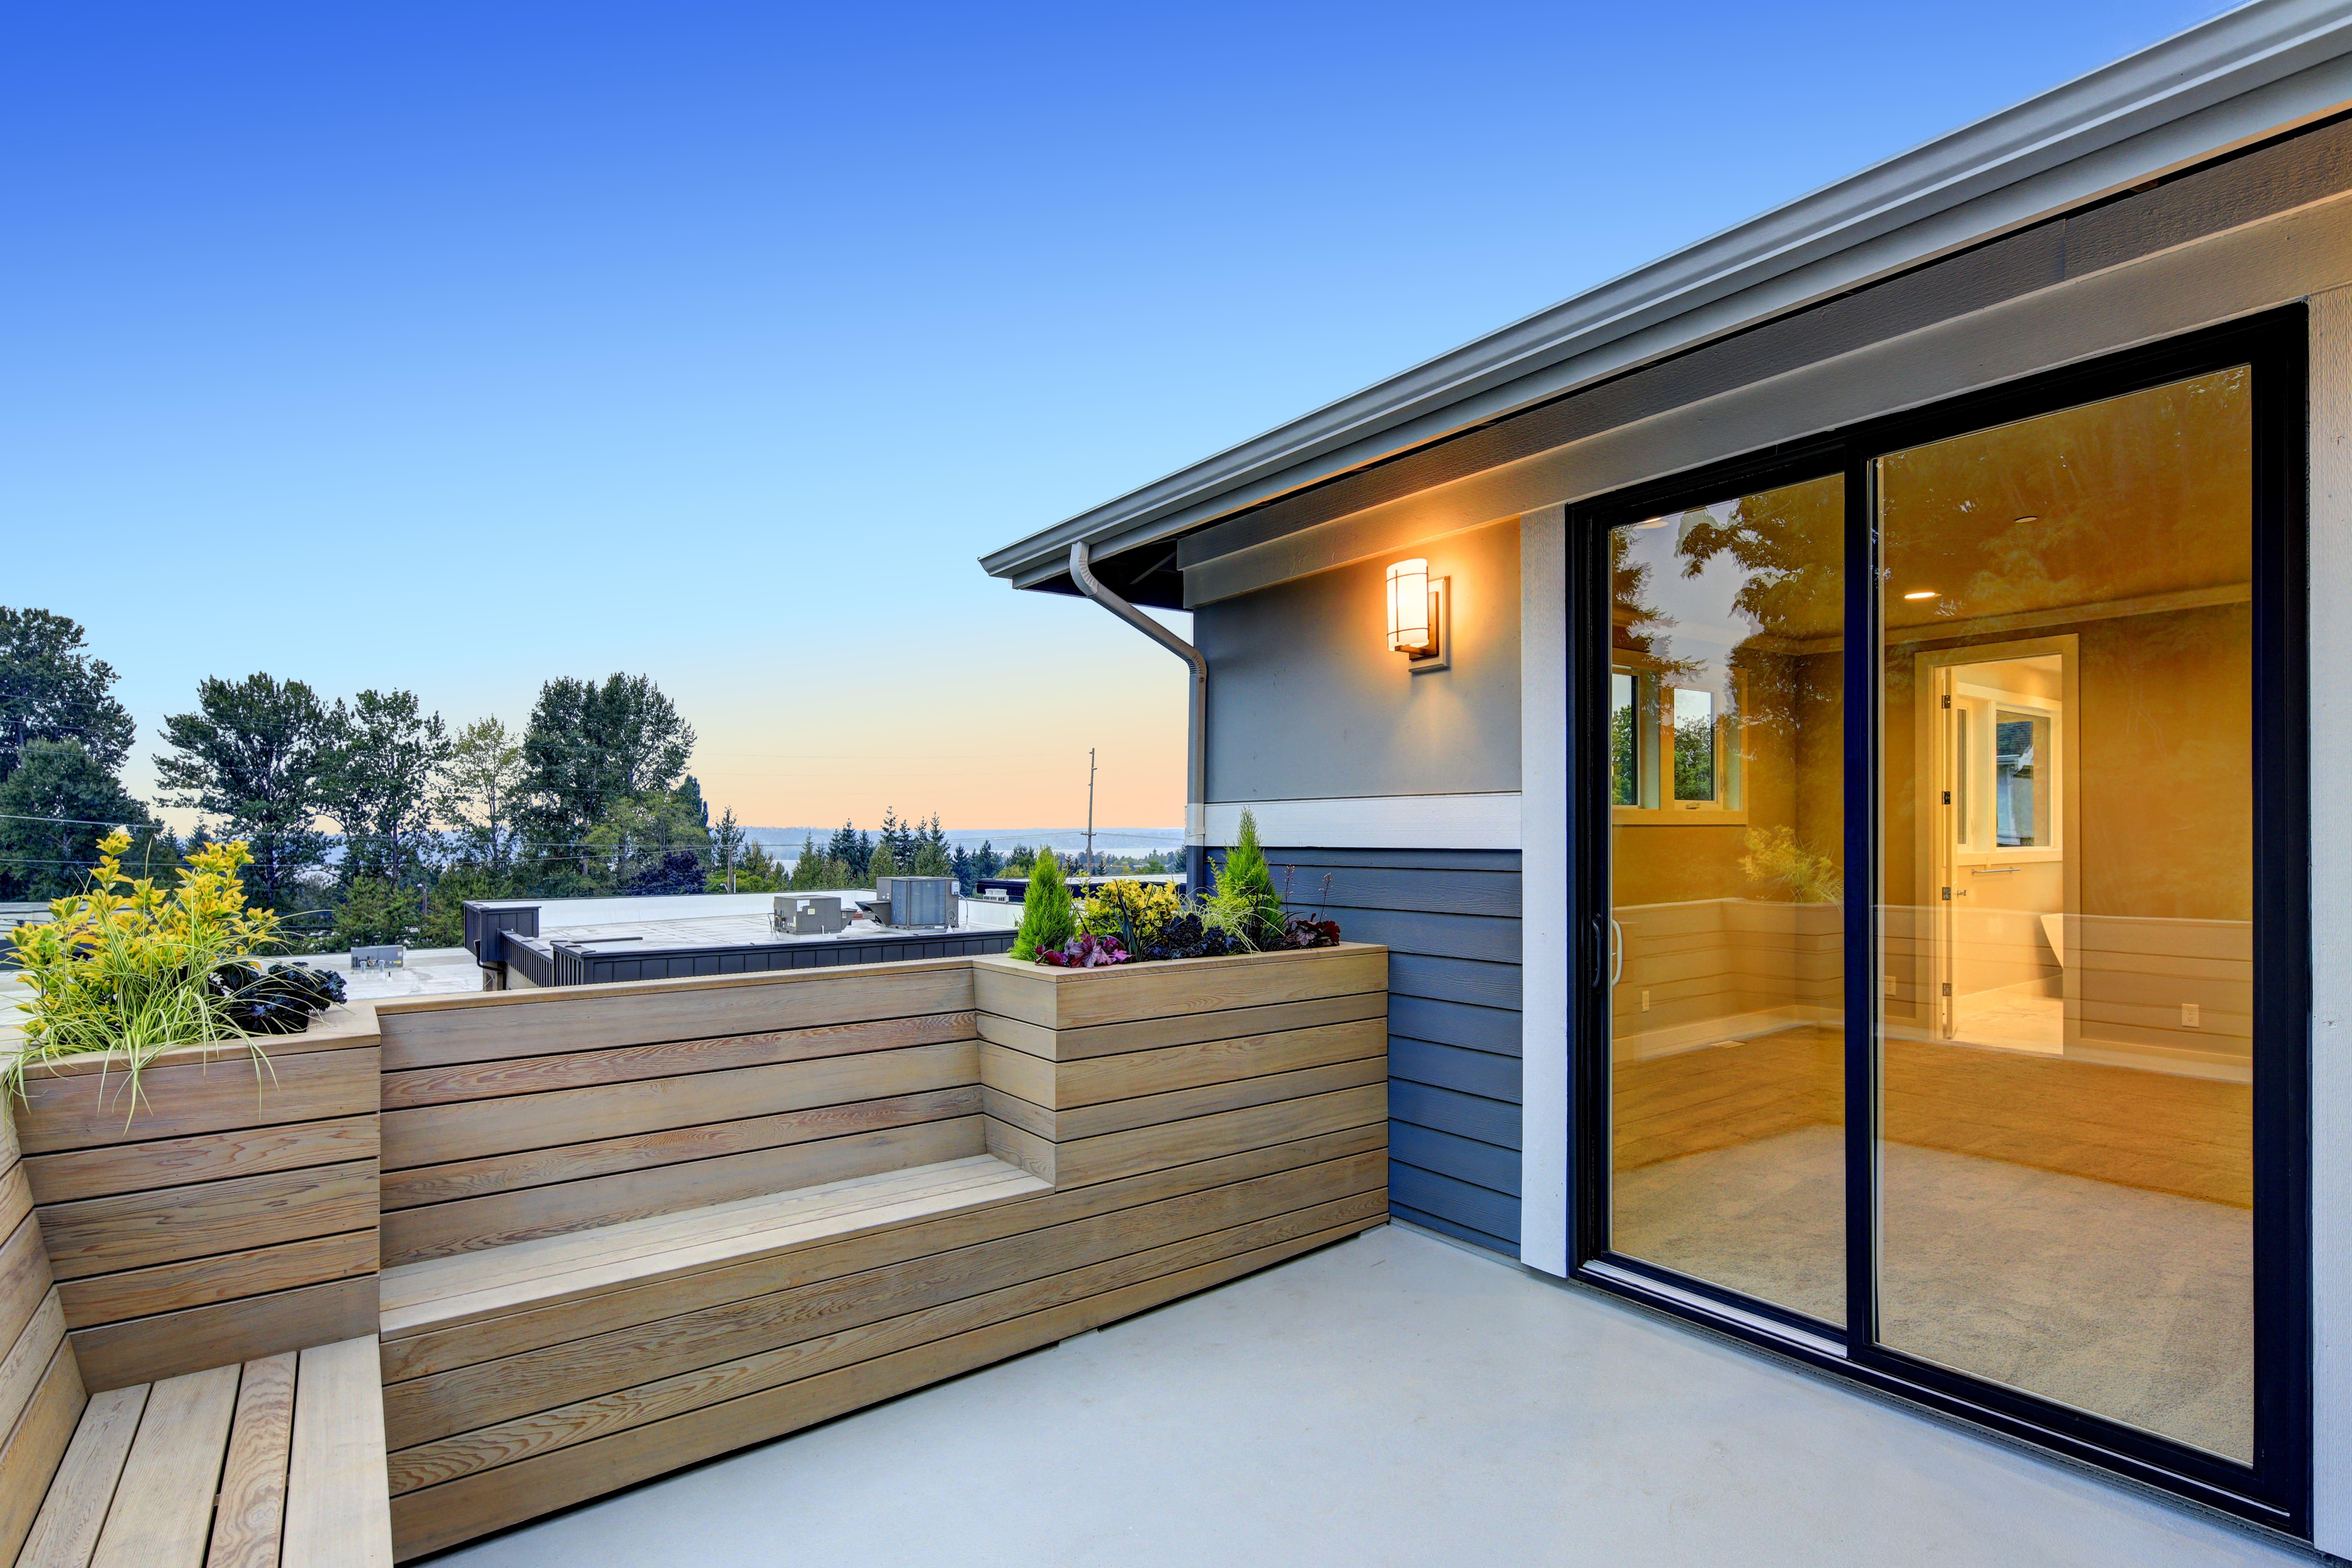 Outdoor Flooring (Shutterstock)